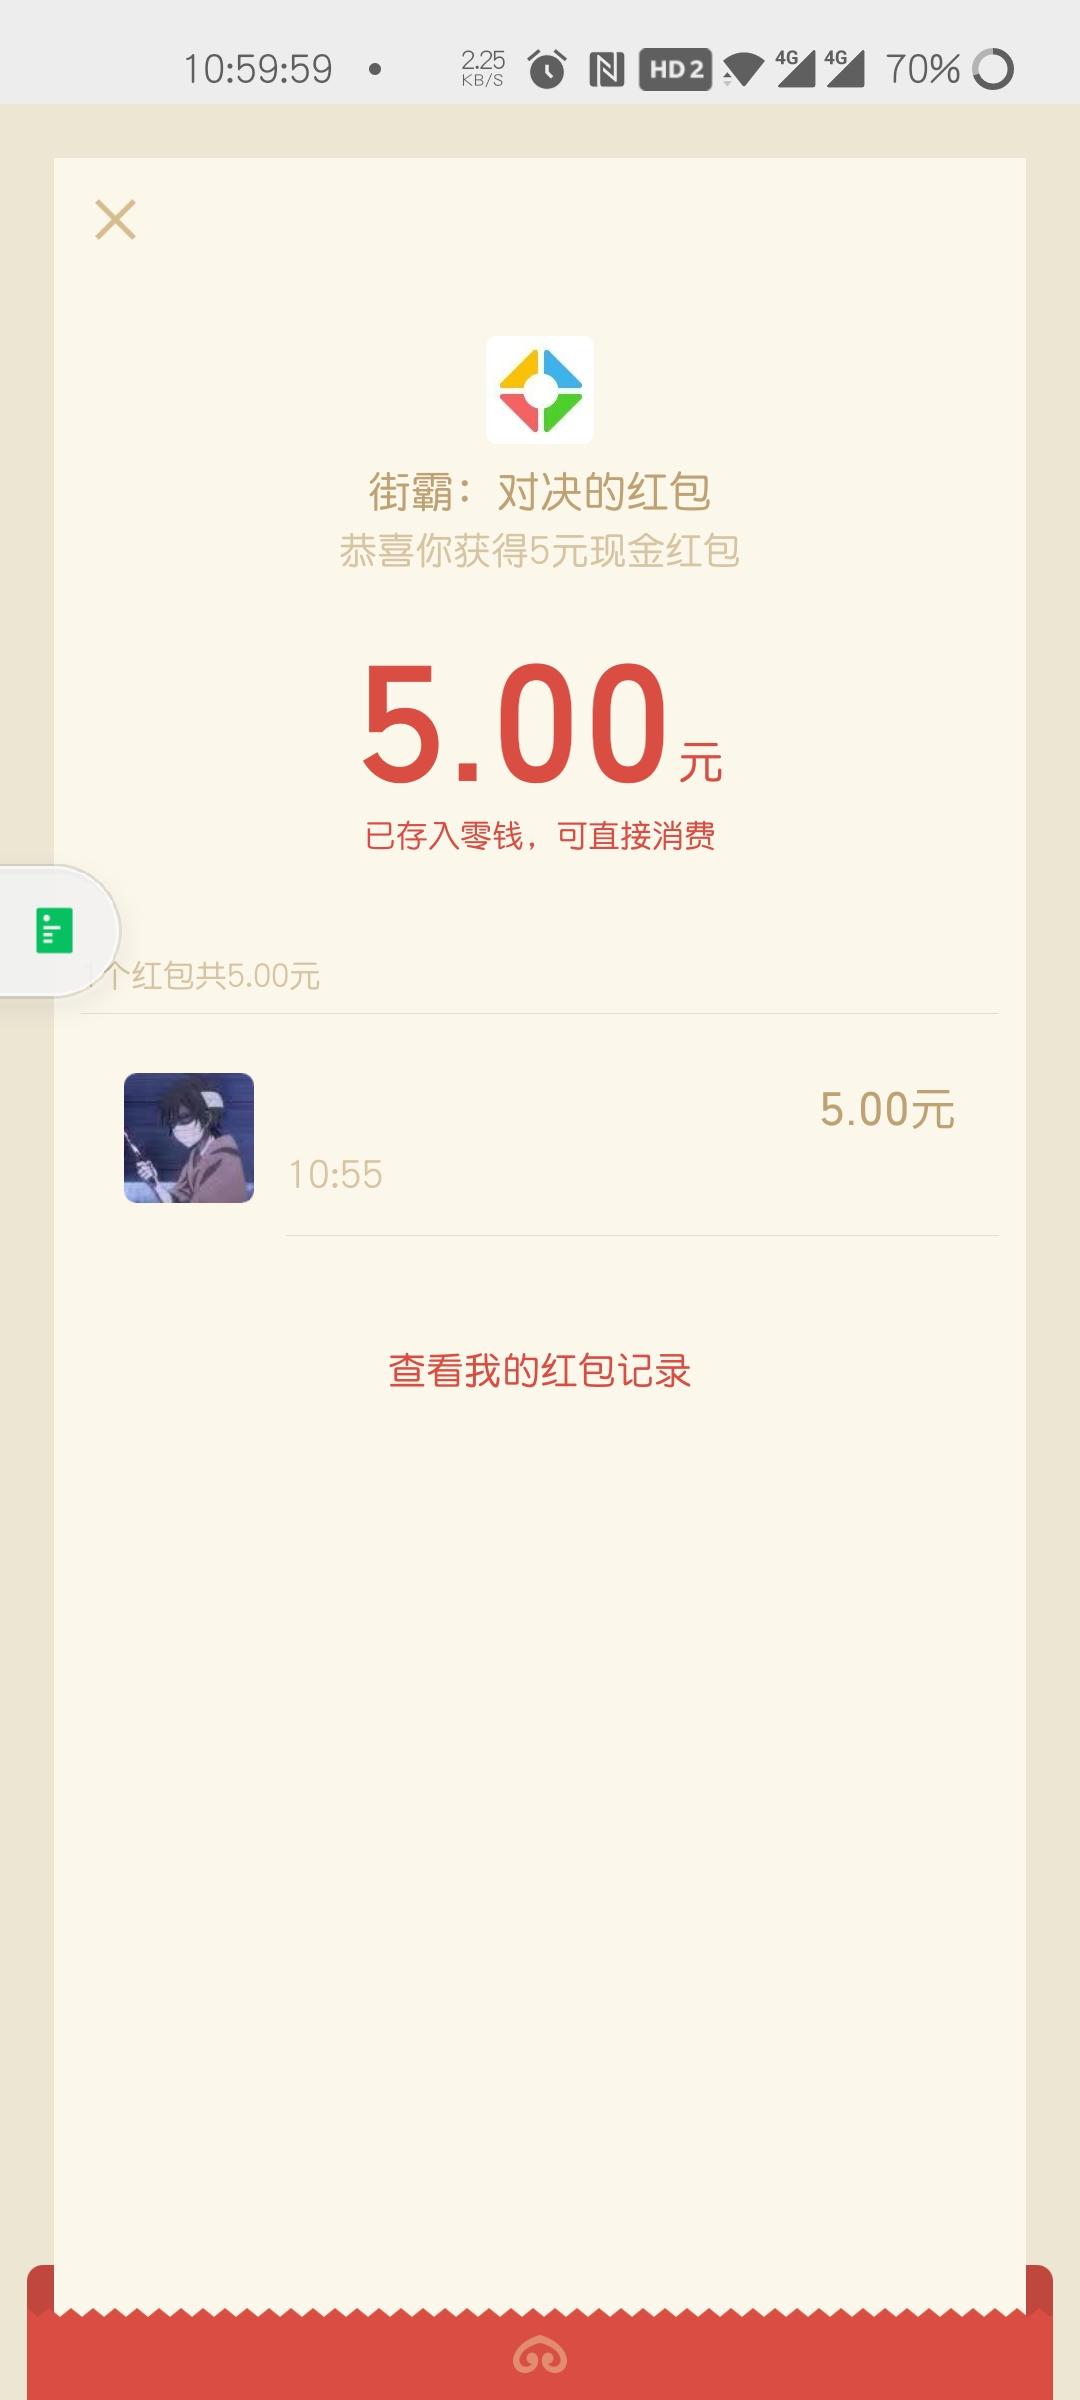 街霸微信游戏新用户注册领微信红包插图1